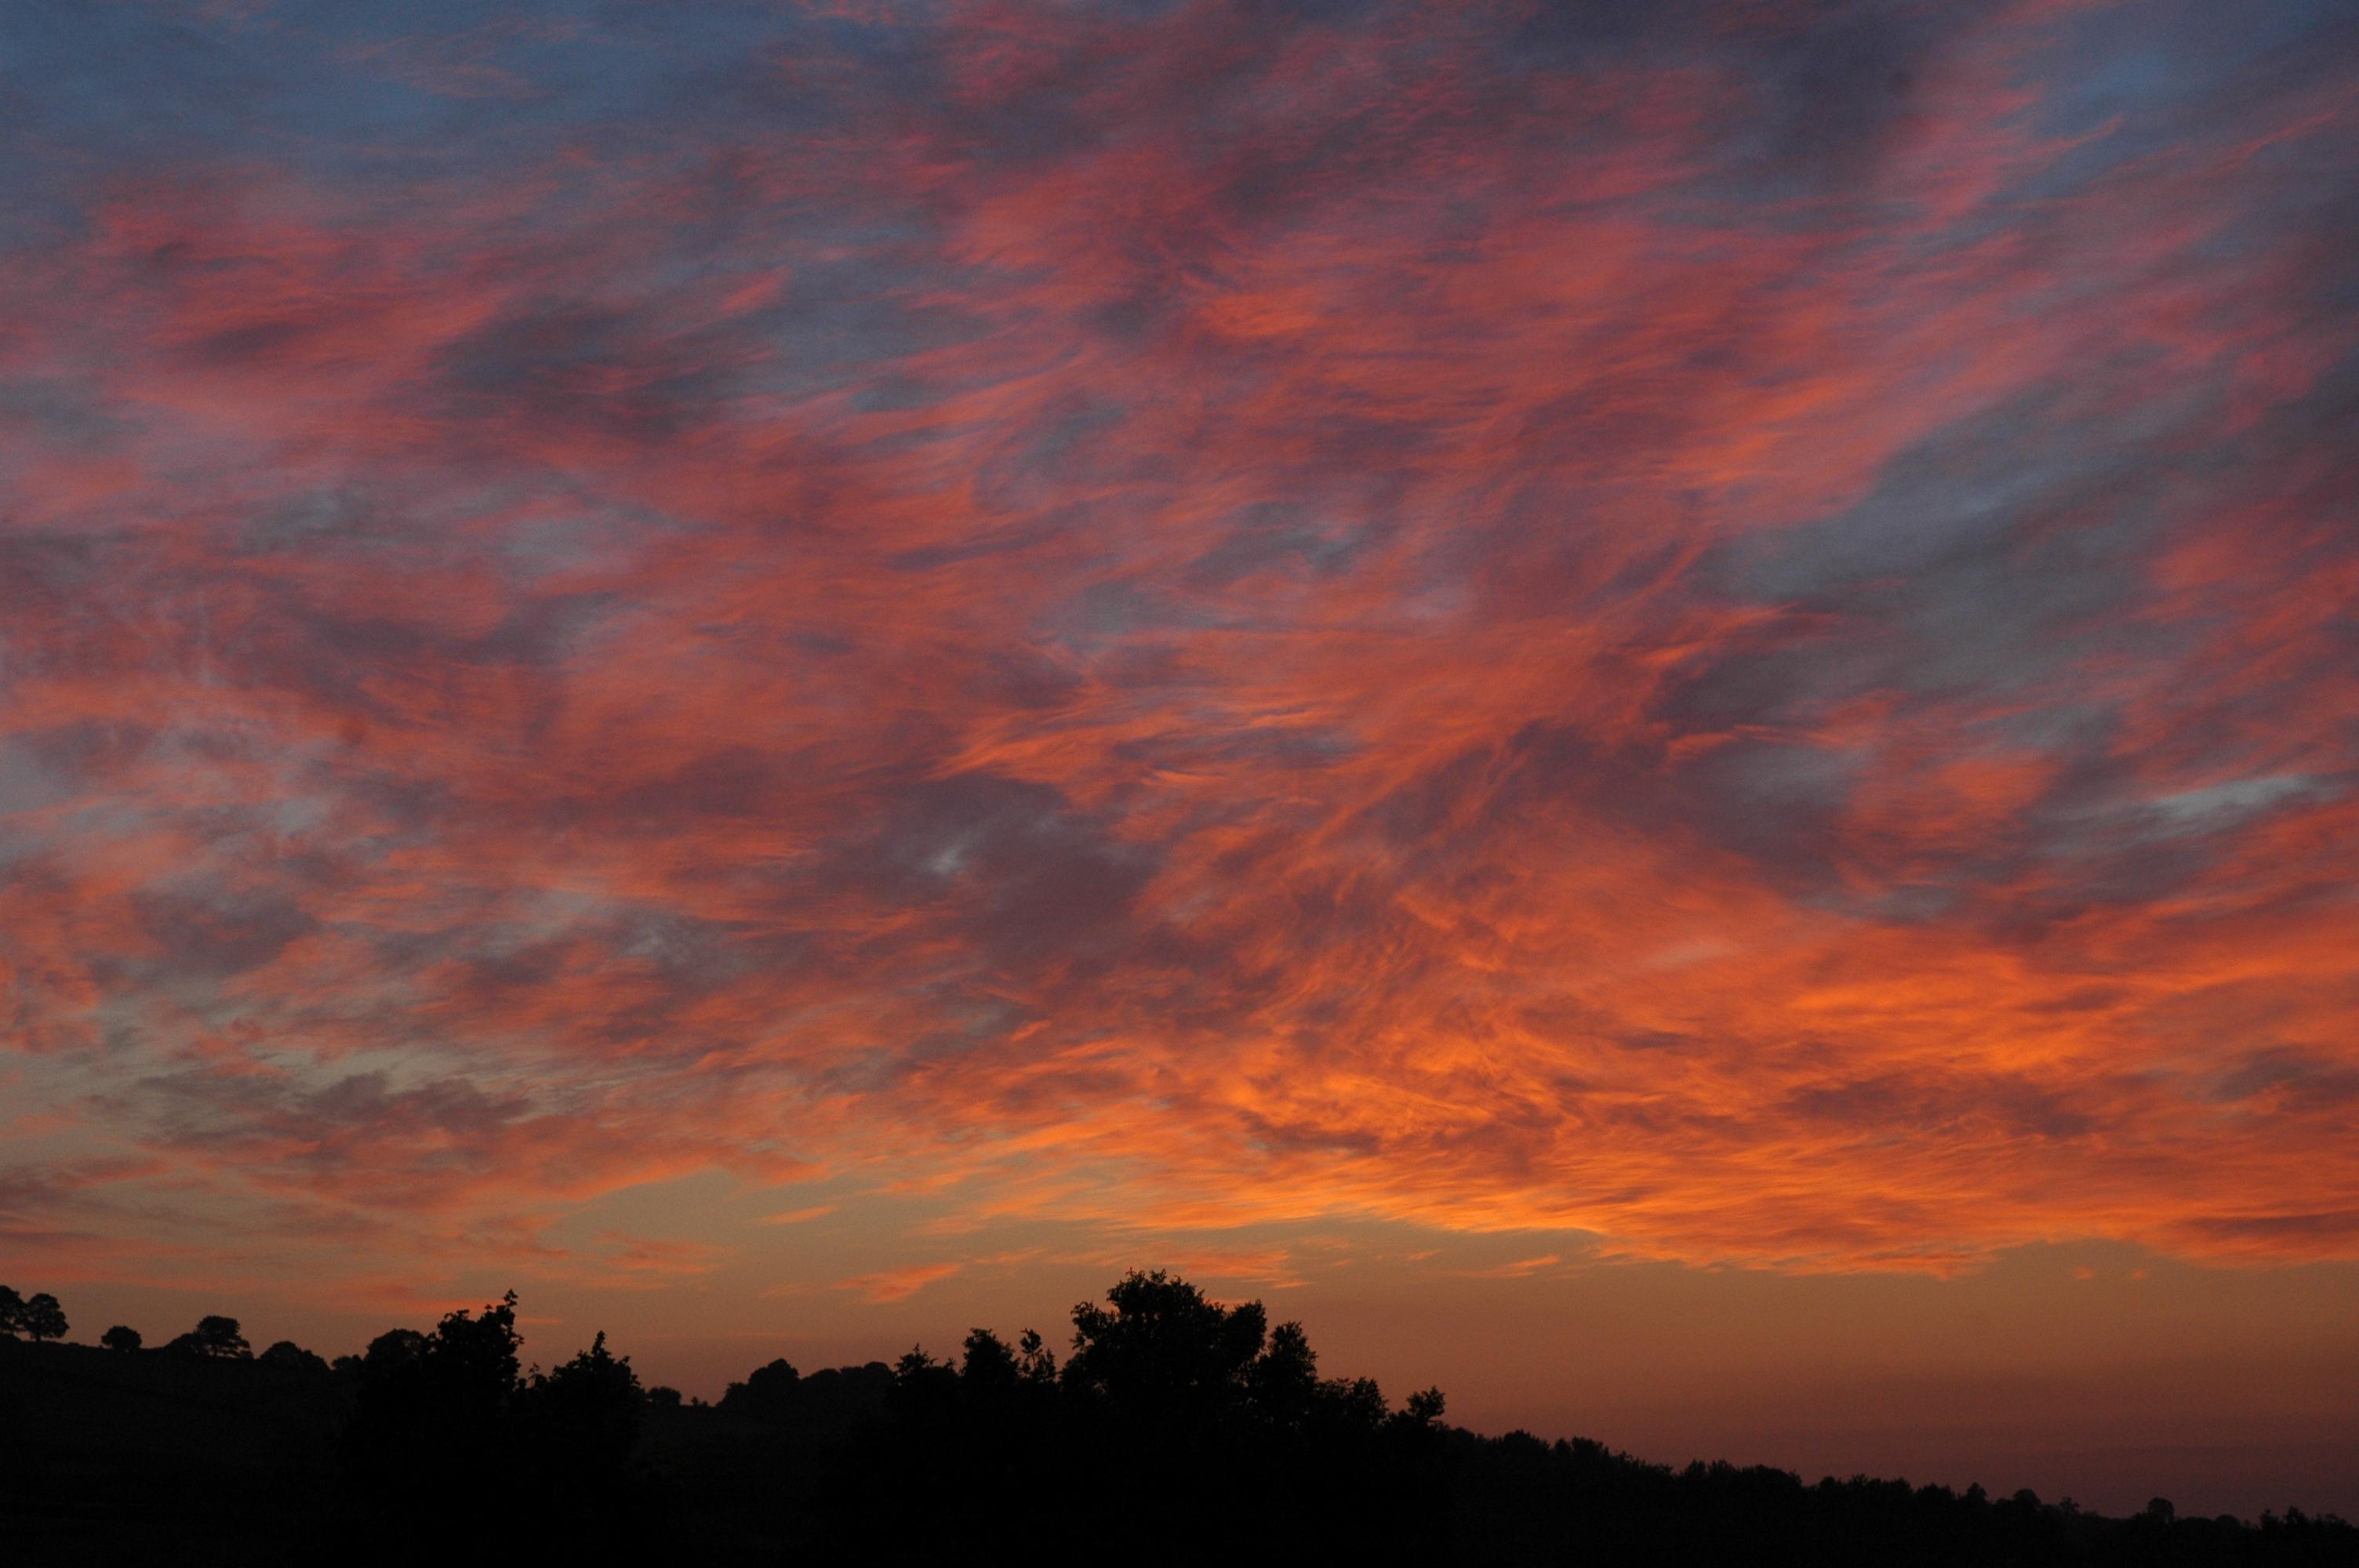 Sunrise 04:24